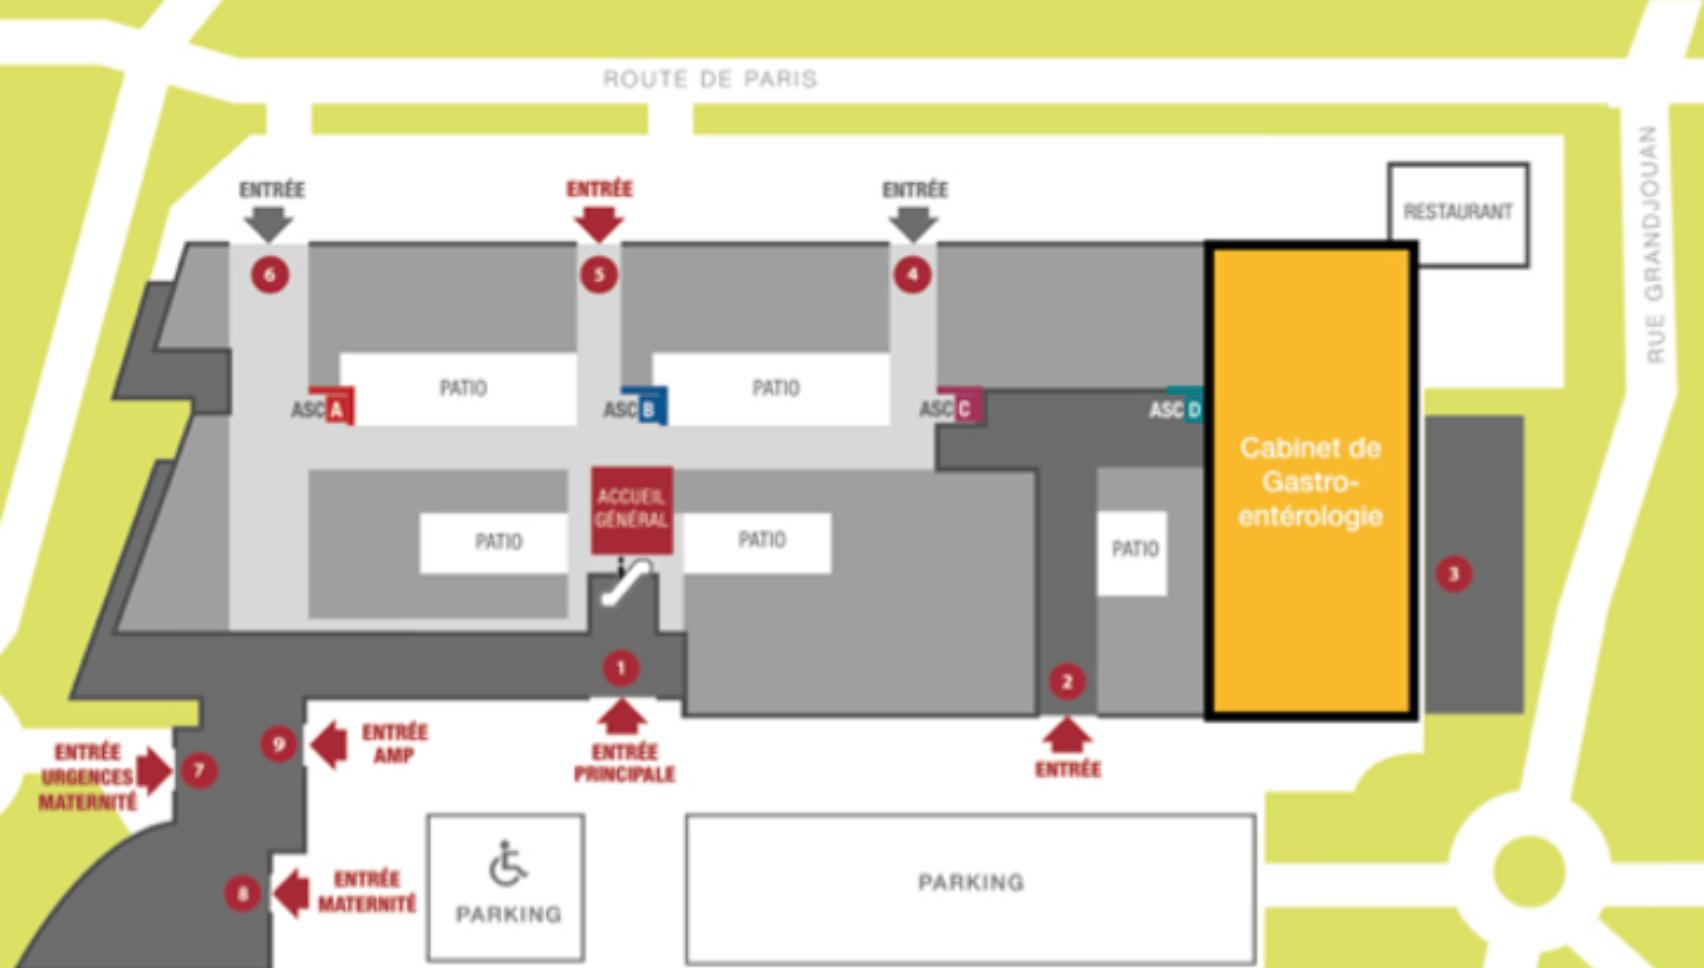 Plan de la clinique Jules Verne Nantes - service gastroenterologie